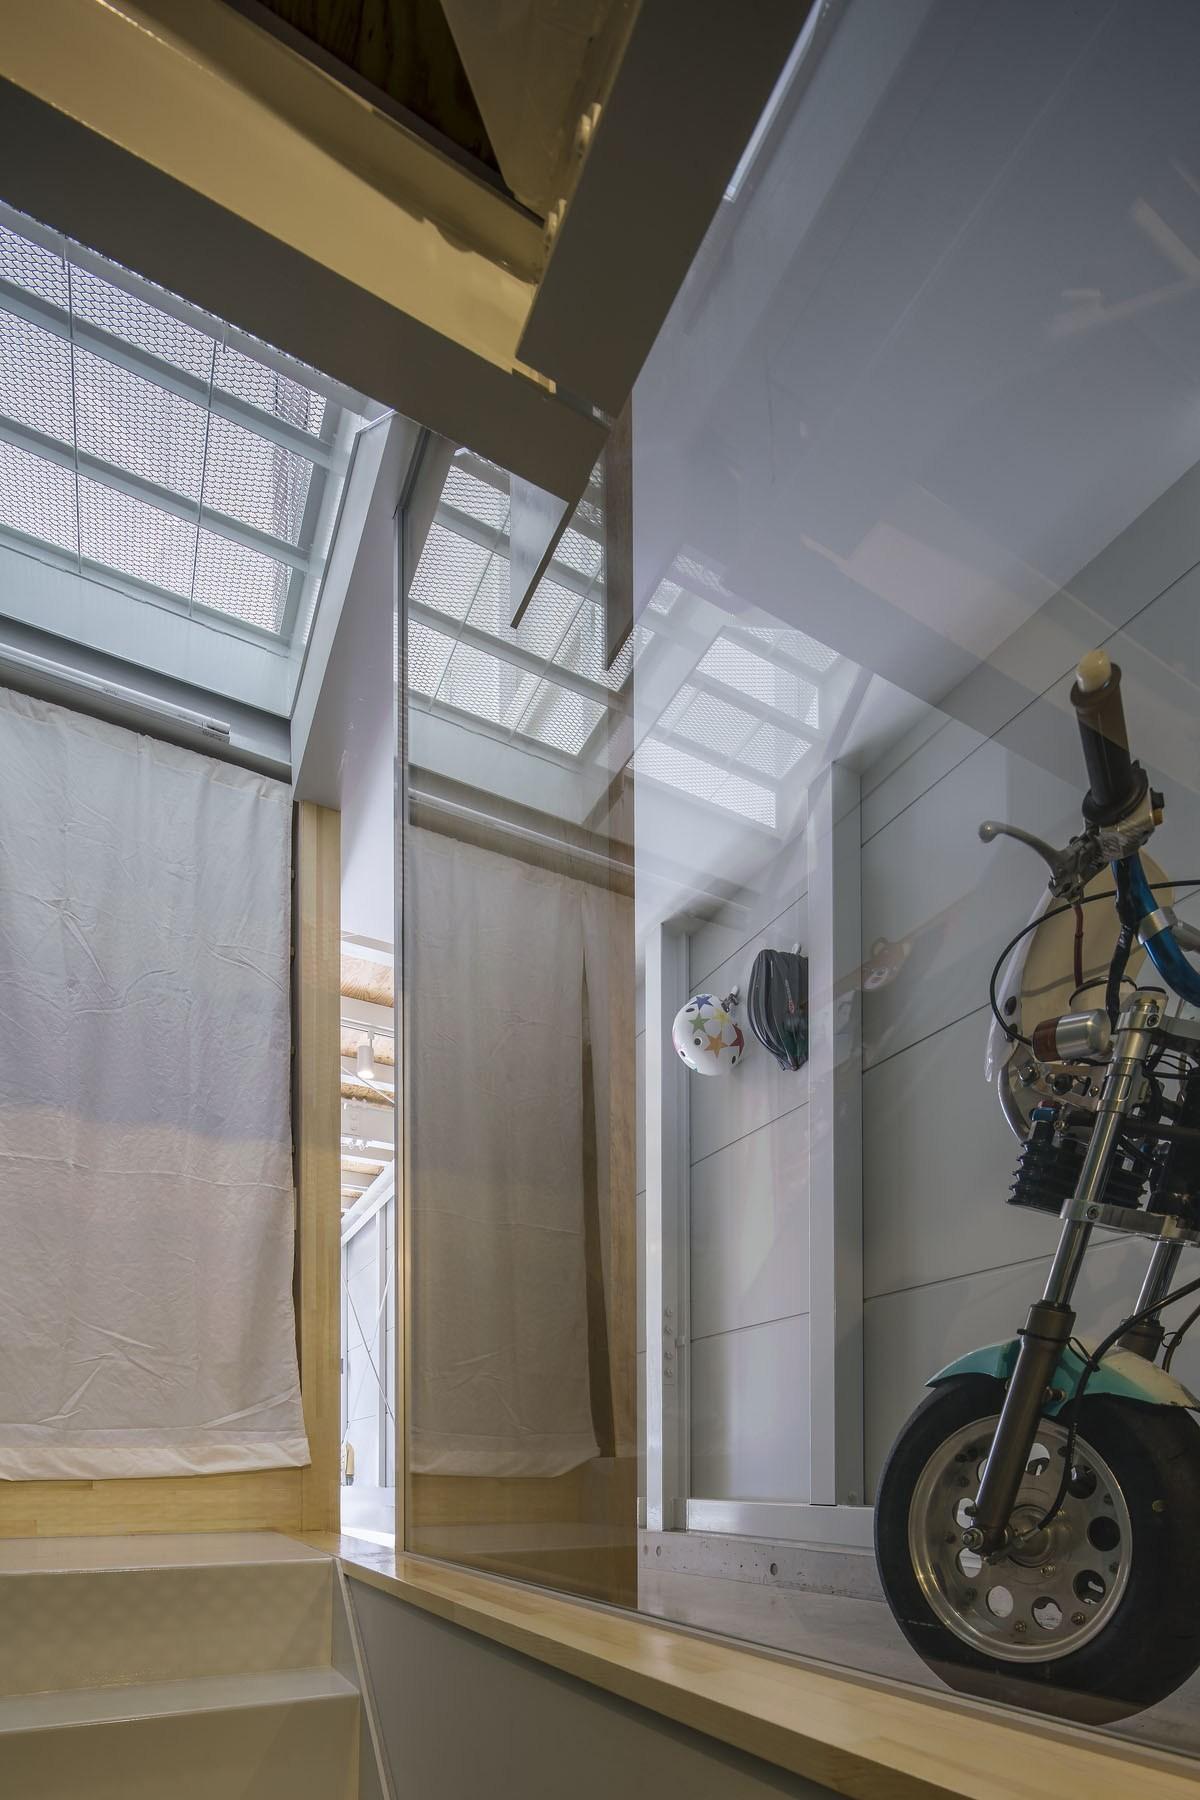 その他事例:階段からバイクガレージを見る。(『』の家|鉄骨狭小スキップフロアのガレージハウス【大阪市】)